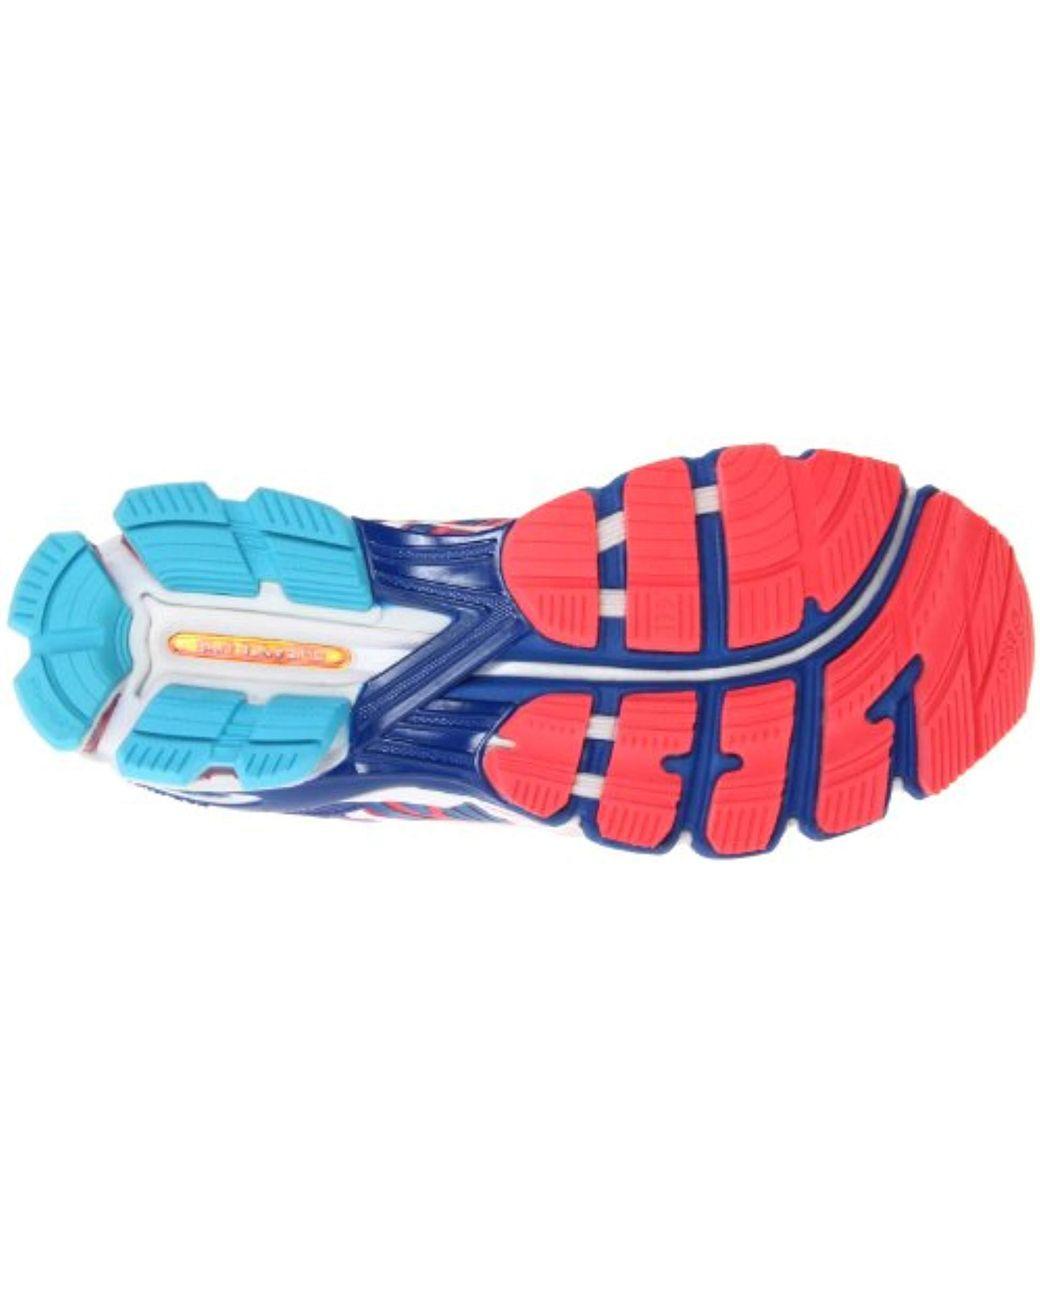 acheter en ligne daf0f 37e61 Women's Gel-kinsei 5 Running Shoe